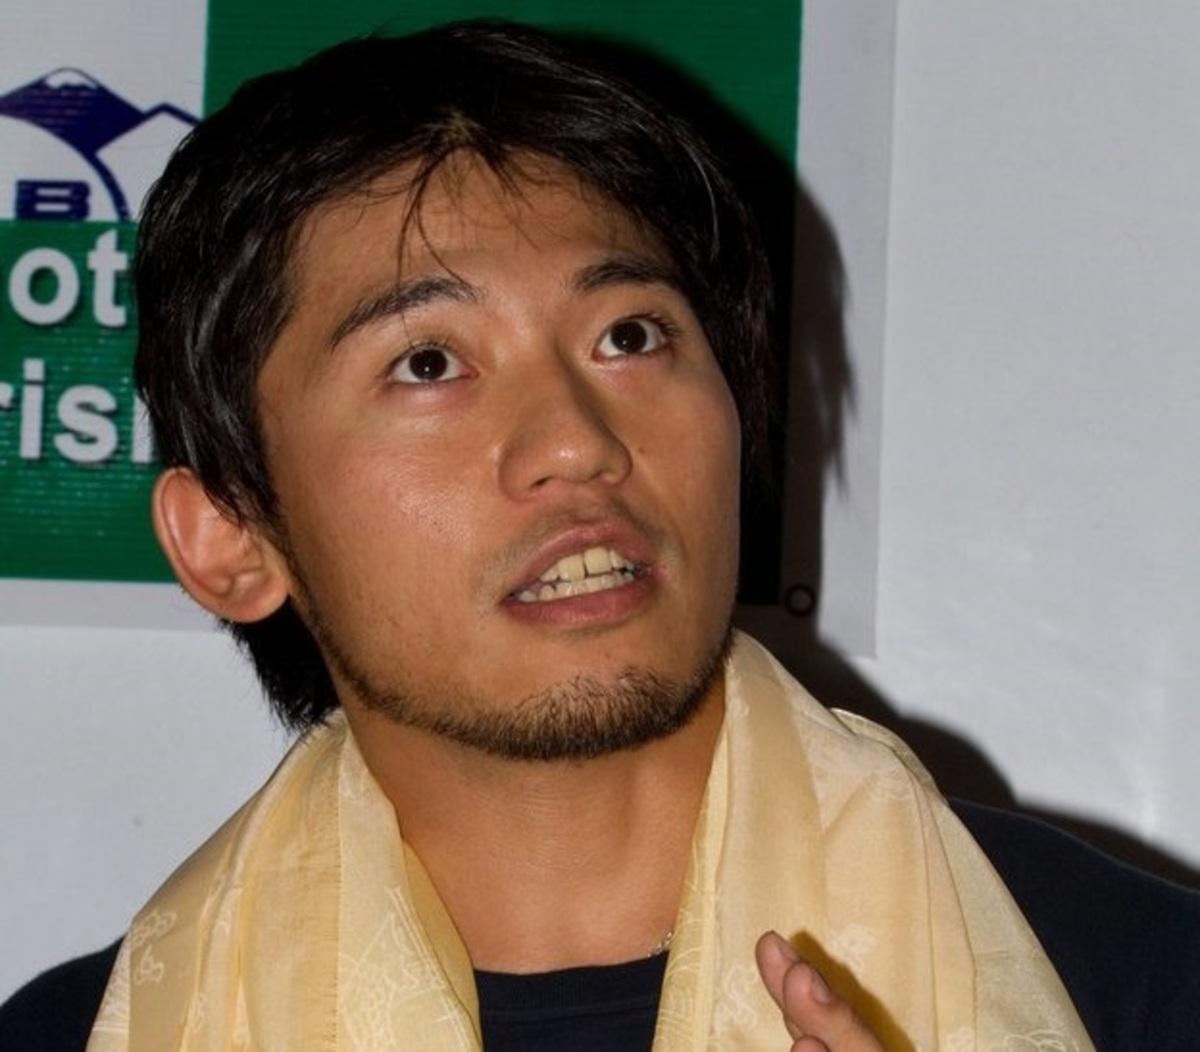 Ορειβάτης σκοτώνεται στην όγδοη προσπάθειά του να κατακτήσει το Έβερεστ